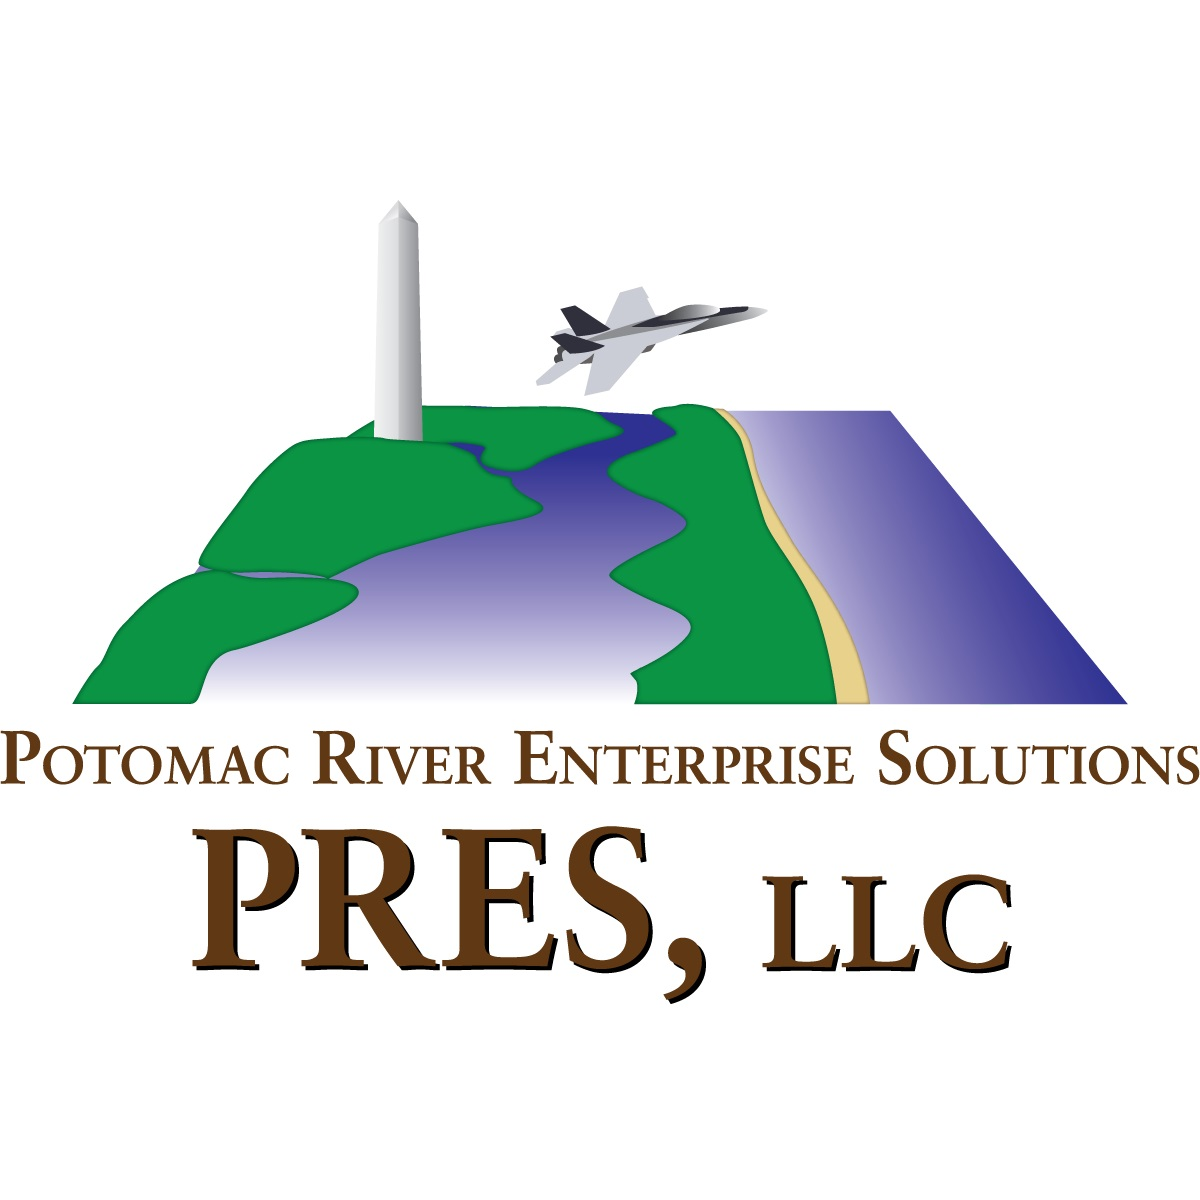 Potomac River Enterprise Solutions - ad image